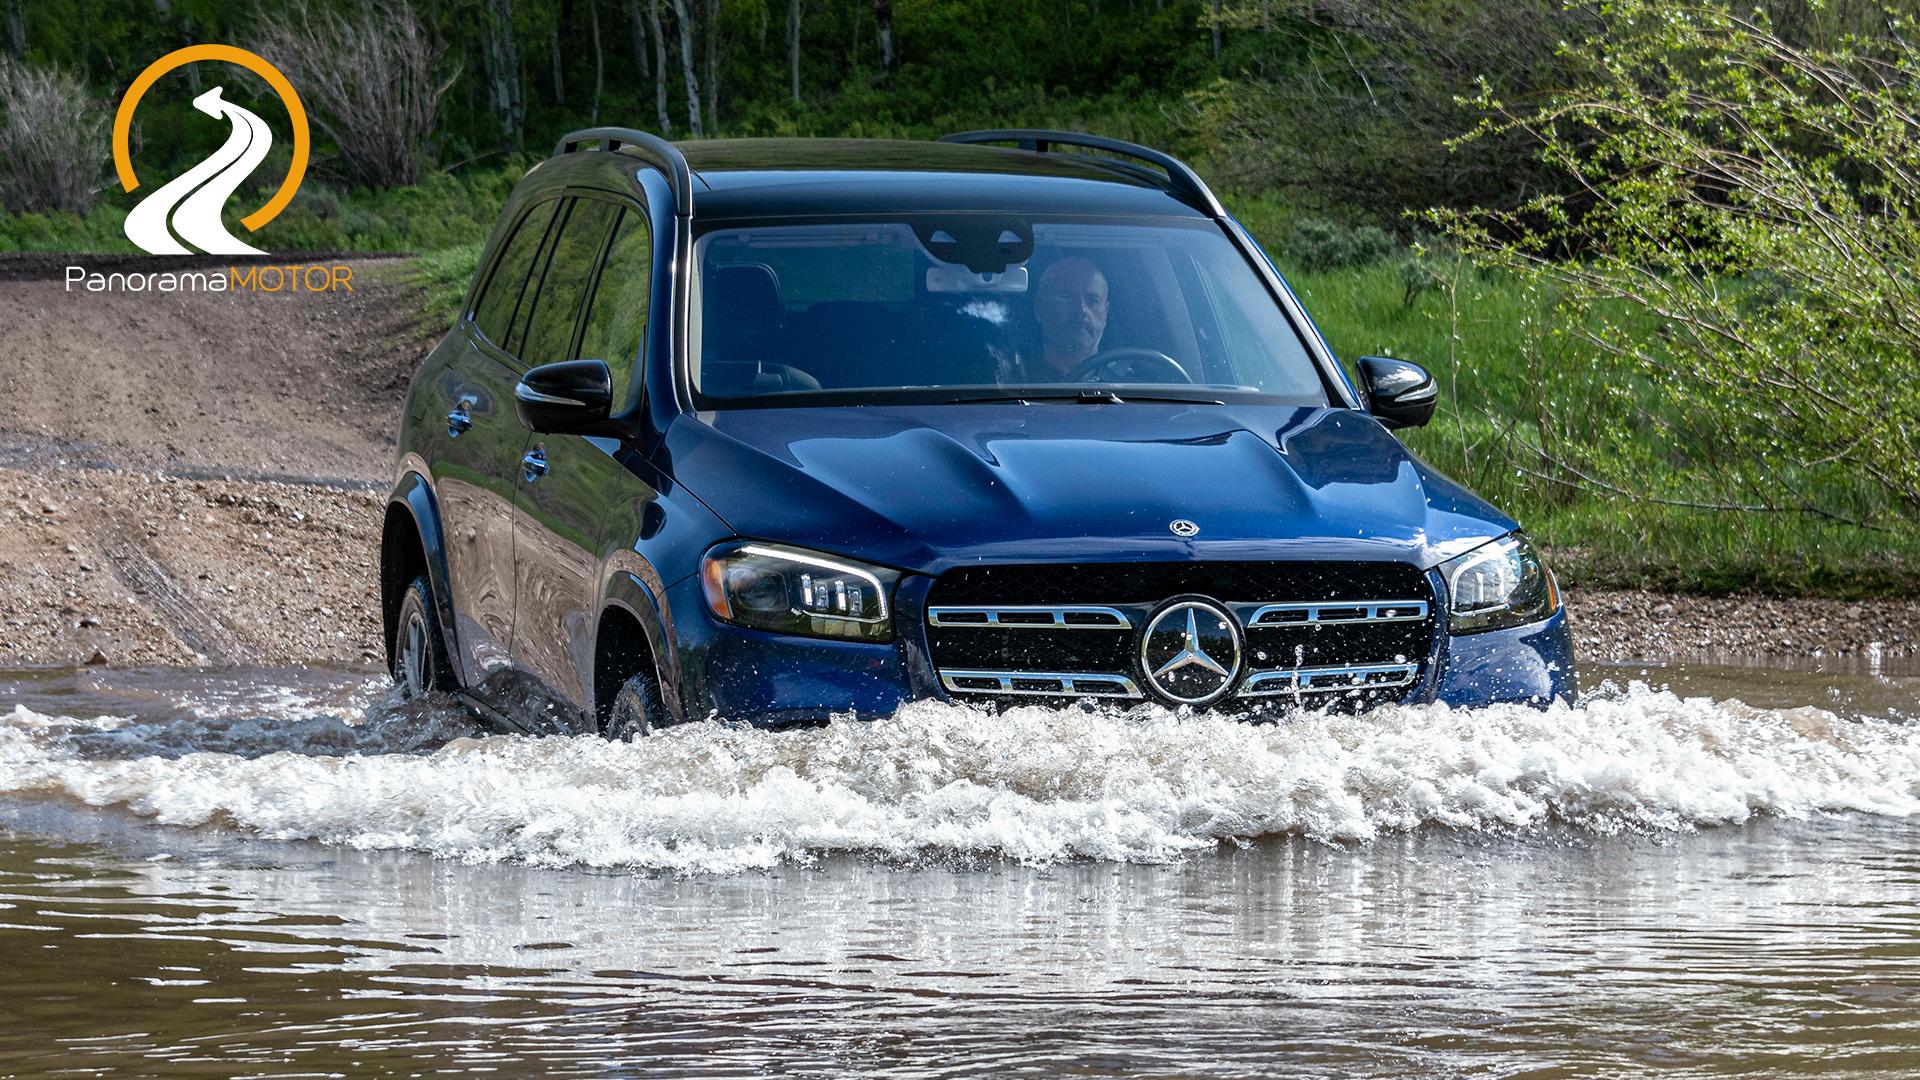 Mercedes-Benz GLS 580 4MATIC 2020